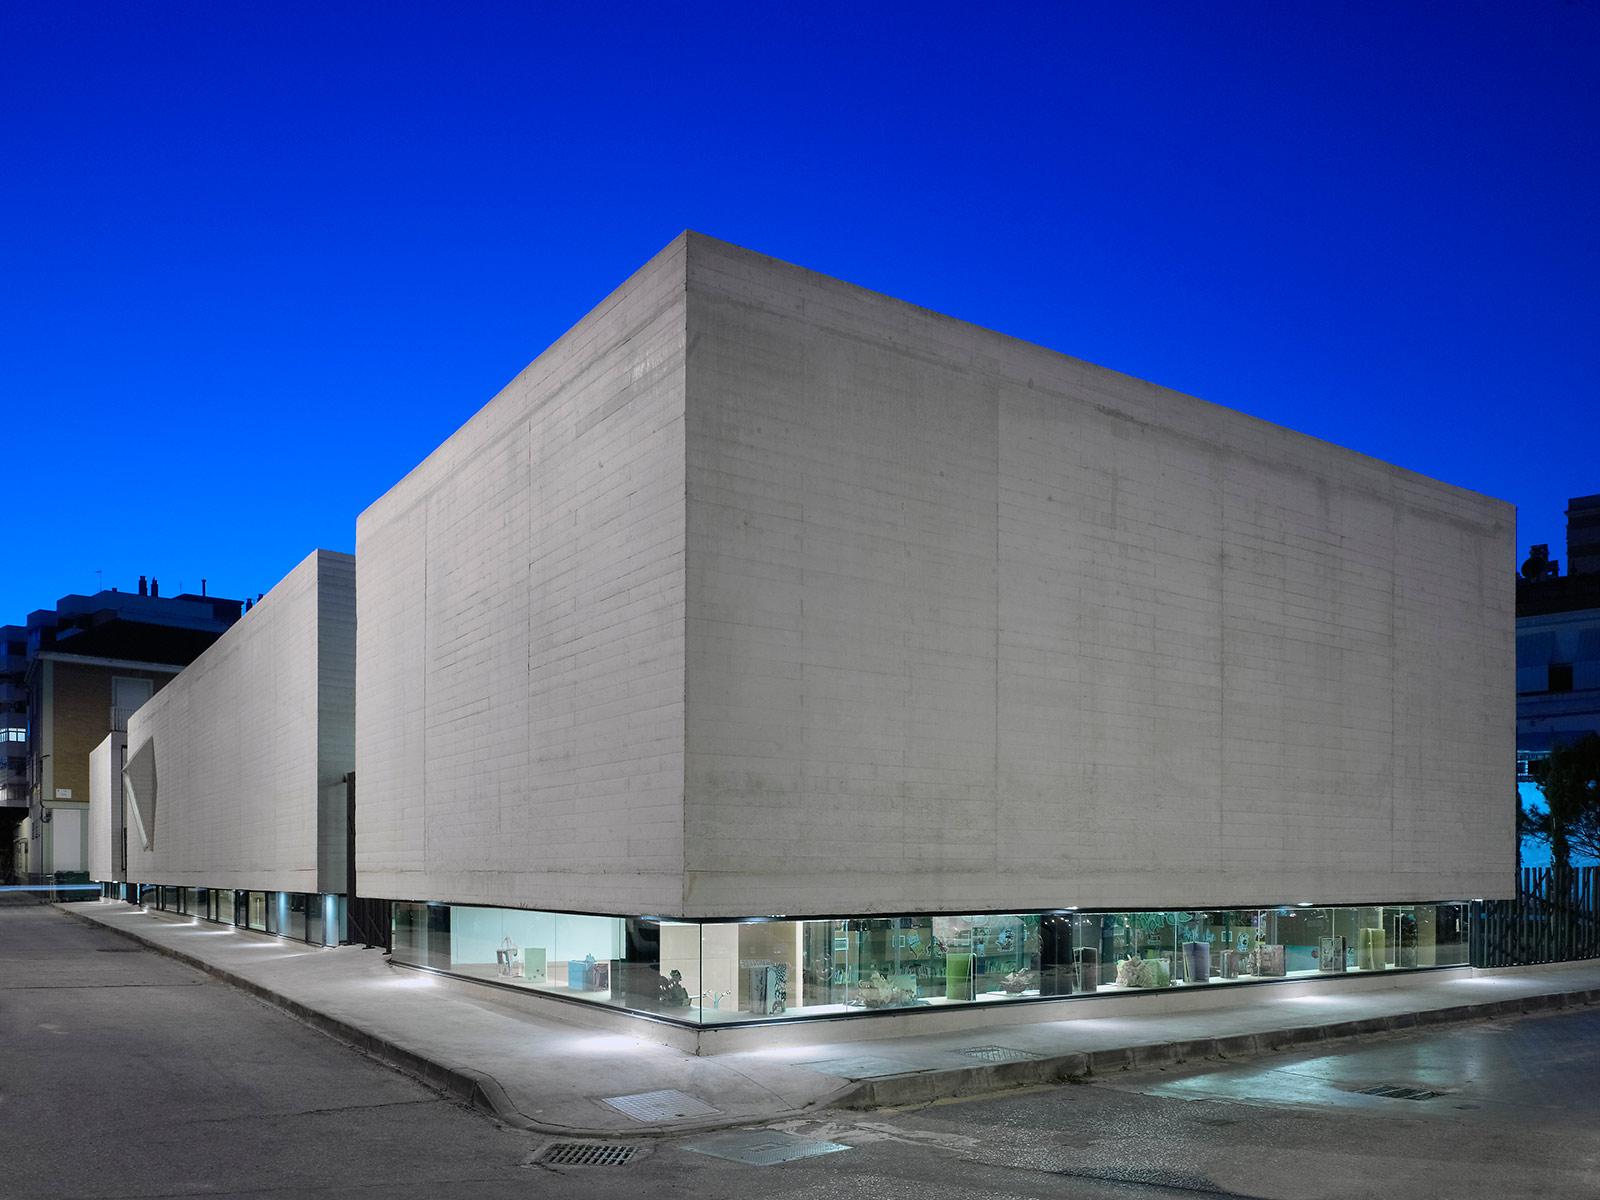 Malaga arquitectura gu a de arquitectura contempor nea de la provincia de m laga colegio de - Estudios de arquitectura en malaga ...